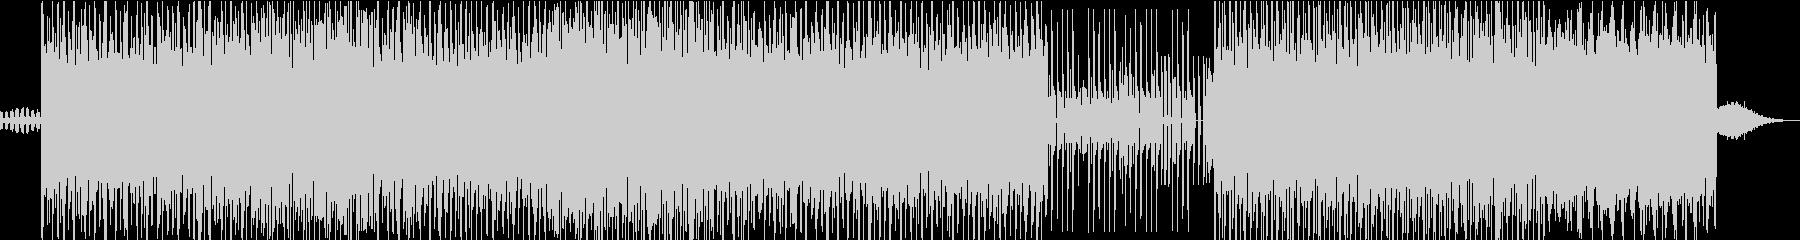 デジタルとレトロのエレクトロニカの未再生の波形